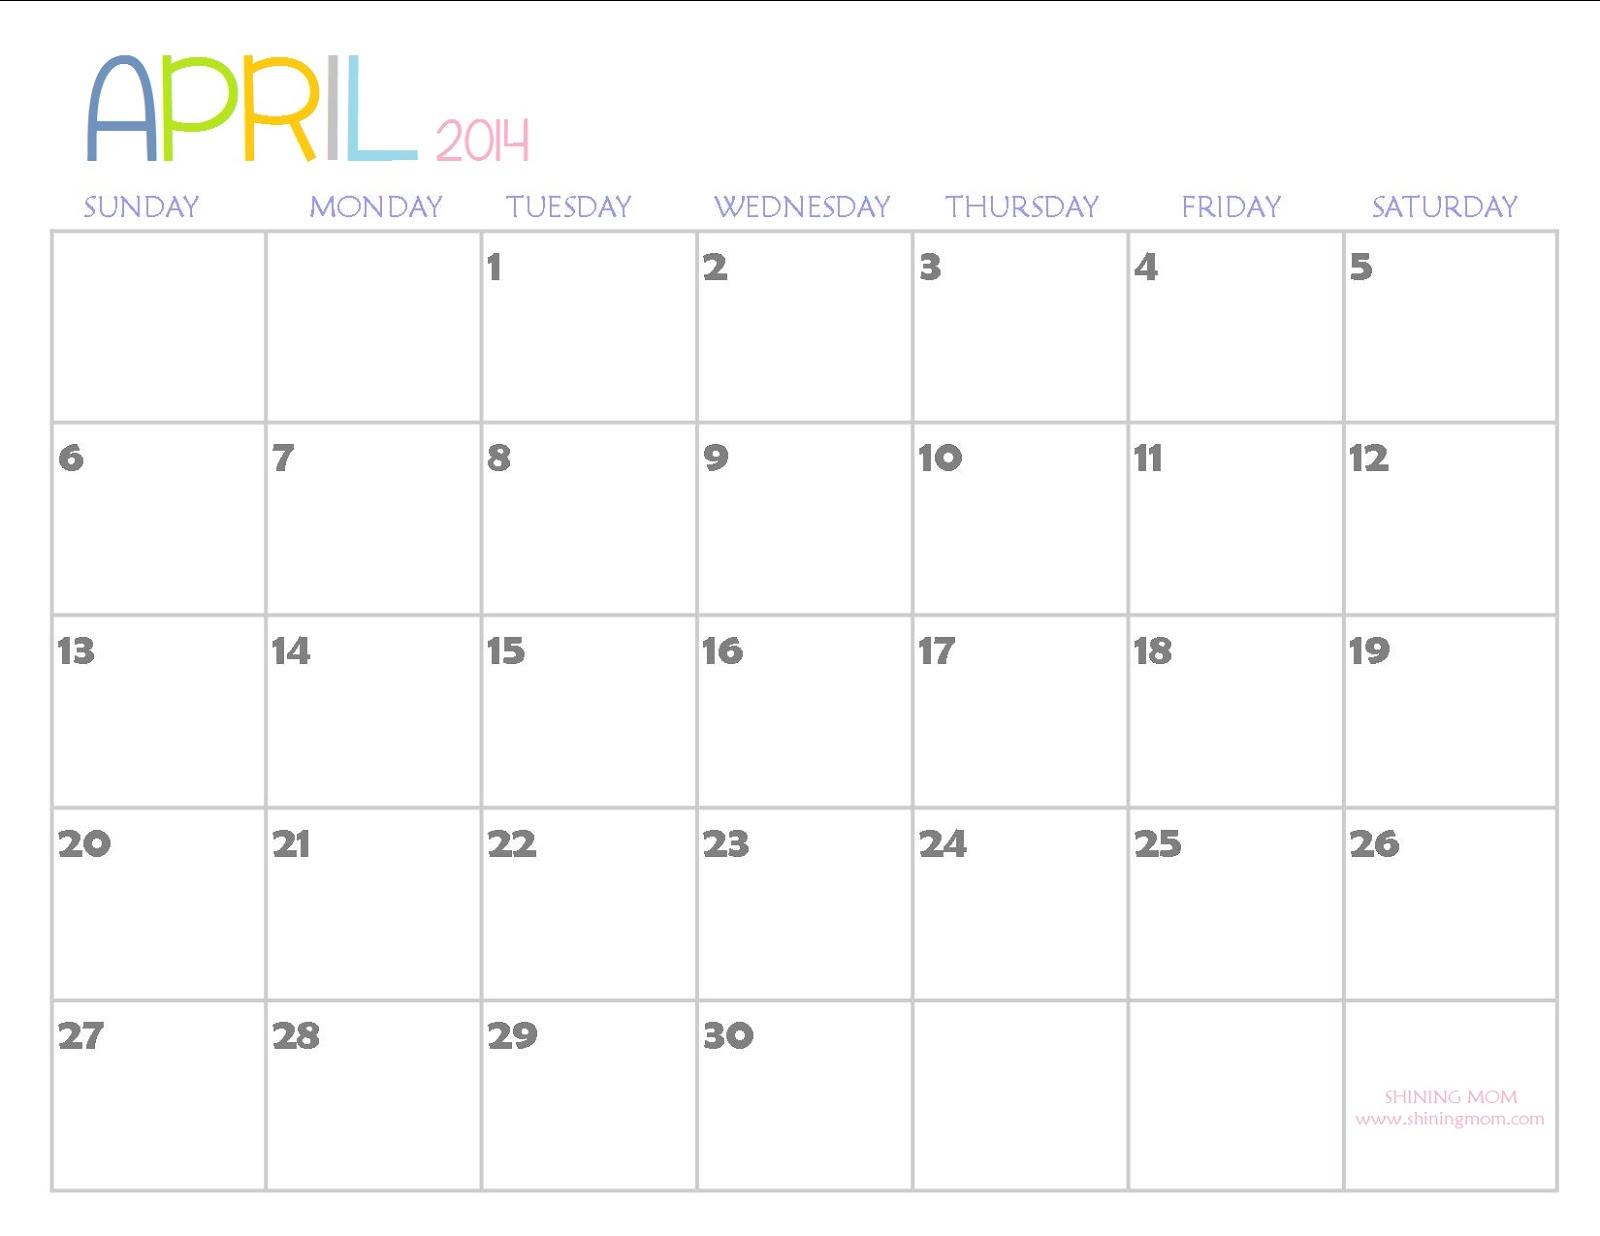 Clipartfest clip art on. April 2014 calendar clipart